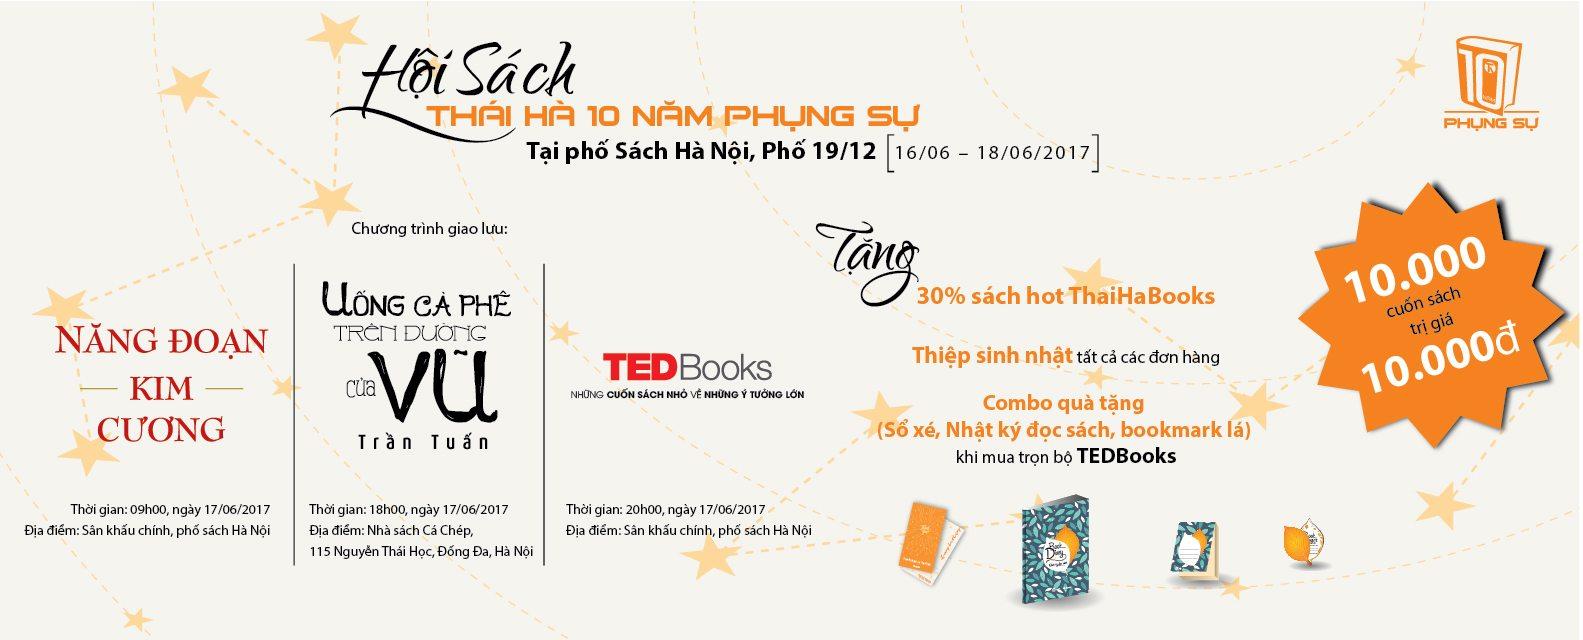 Hoi sach Thai Ha 10 nam